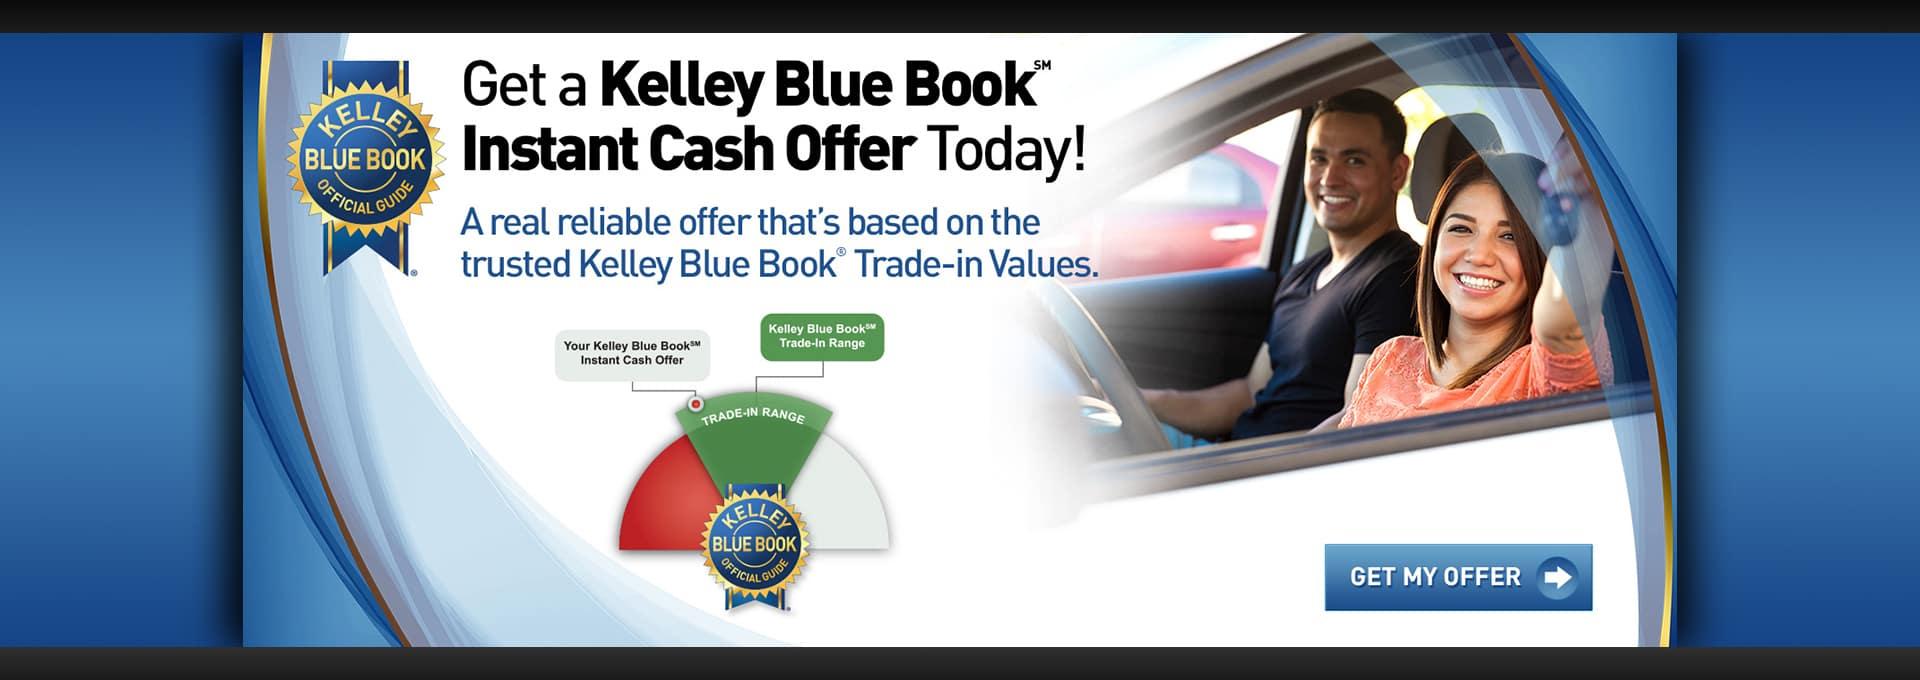 Get Your Instant Cash Offer!